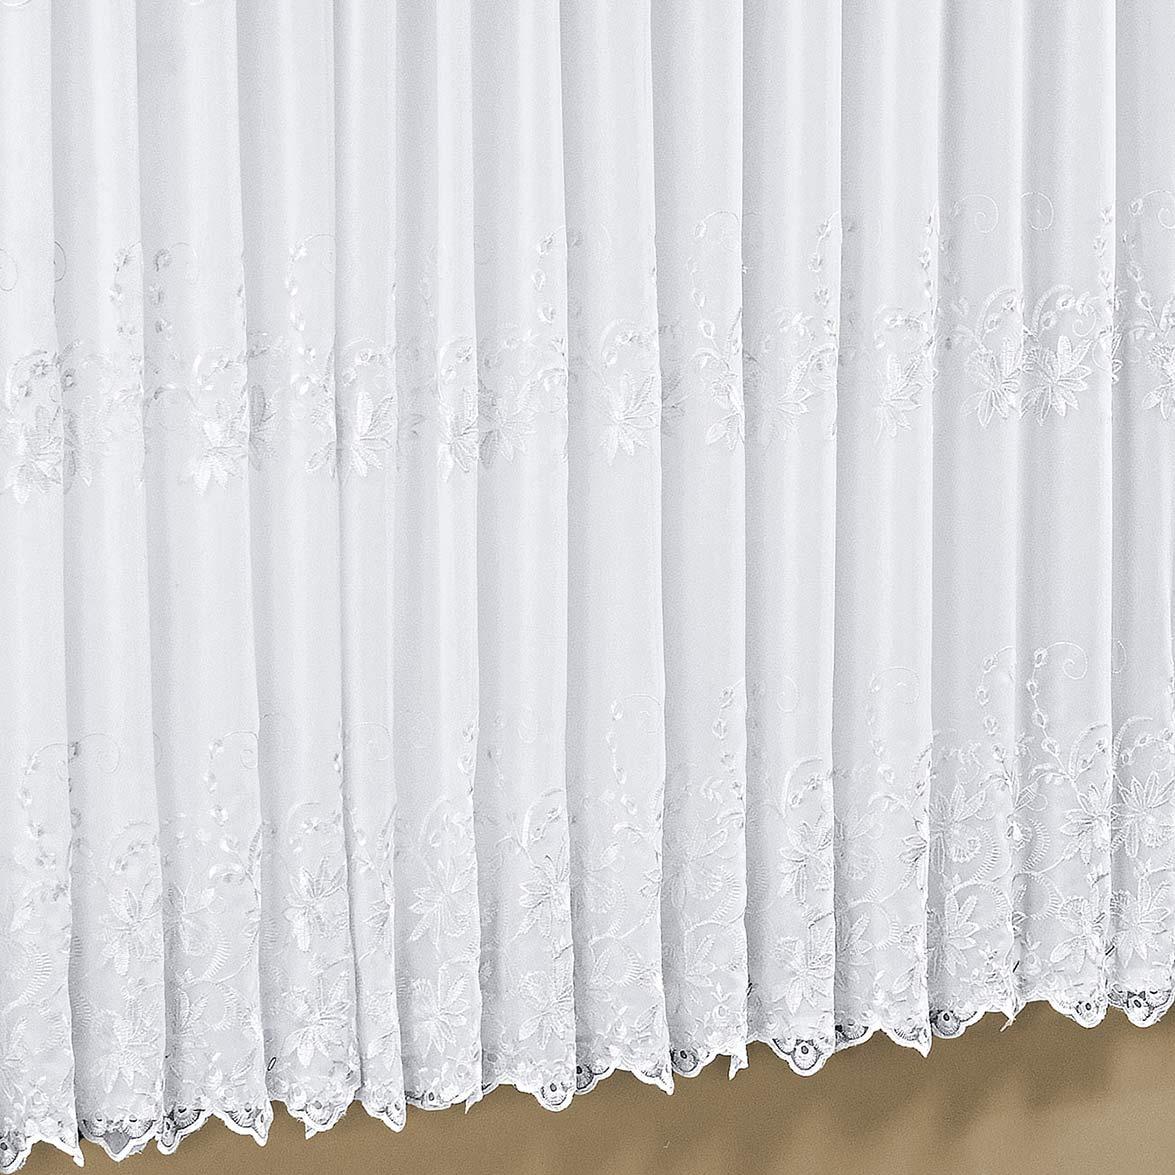 Cortina 3 metros Italiana Branco em Poliéster com 1 peça